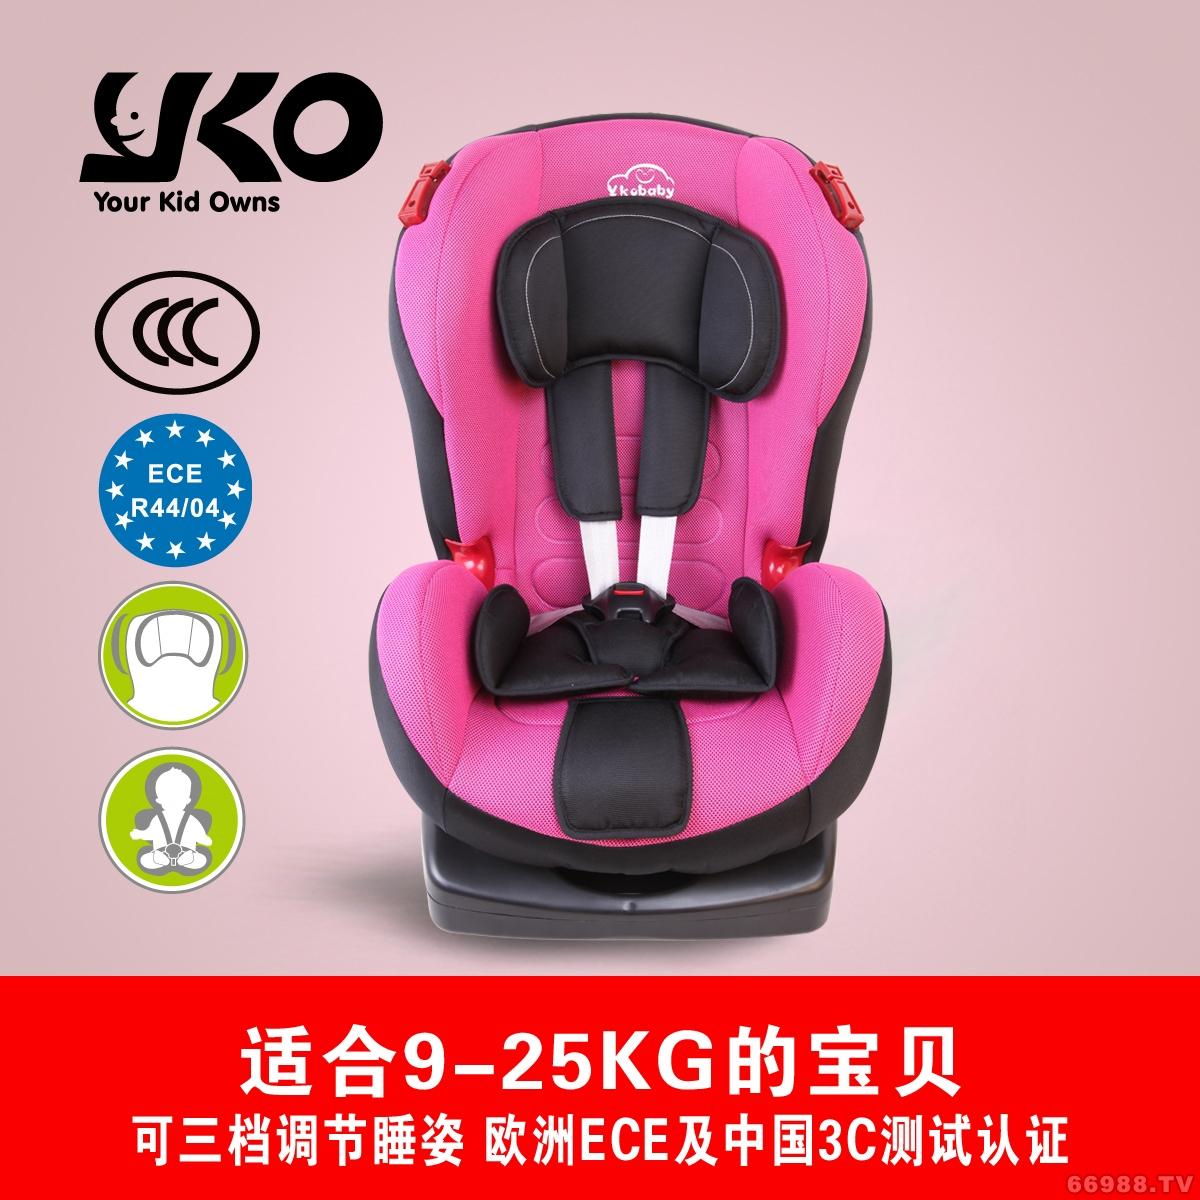 艺高YKO汽车儿童安全座椅 965